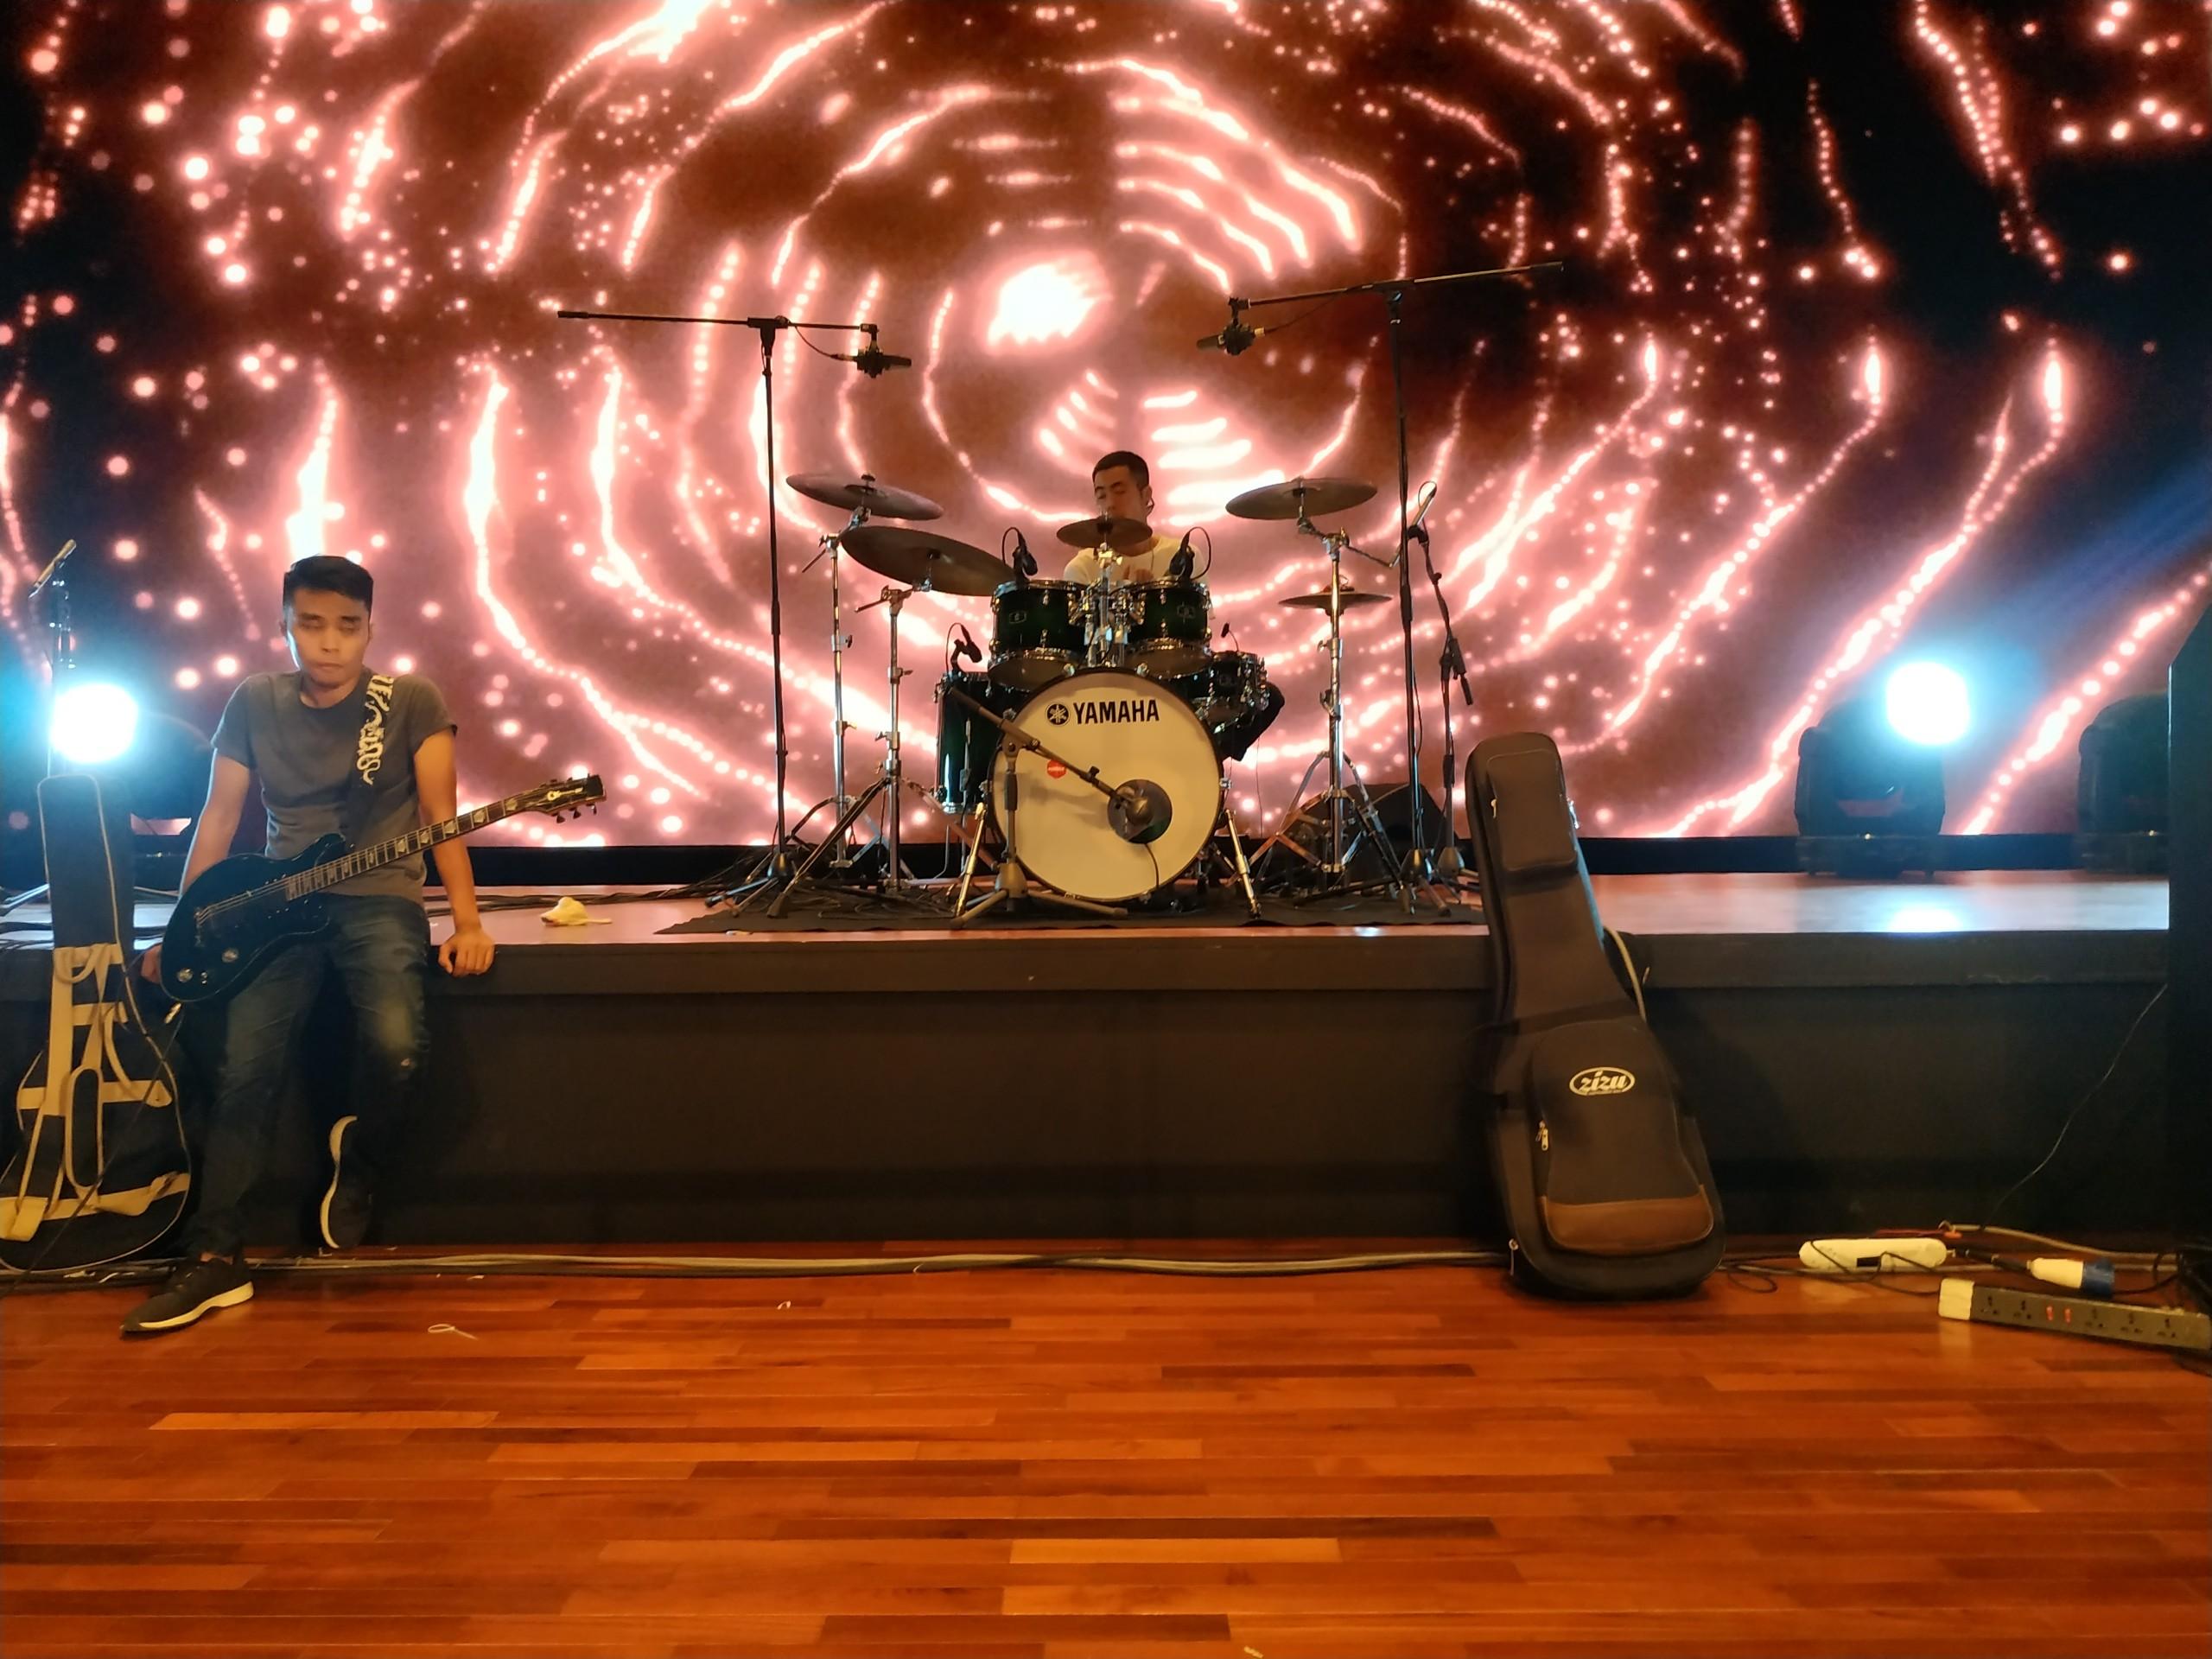 Ban nhạc Lãng Du thử trống và các thiết bị nhạc trên sân khấu.